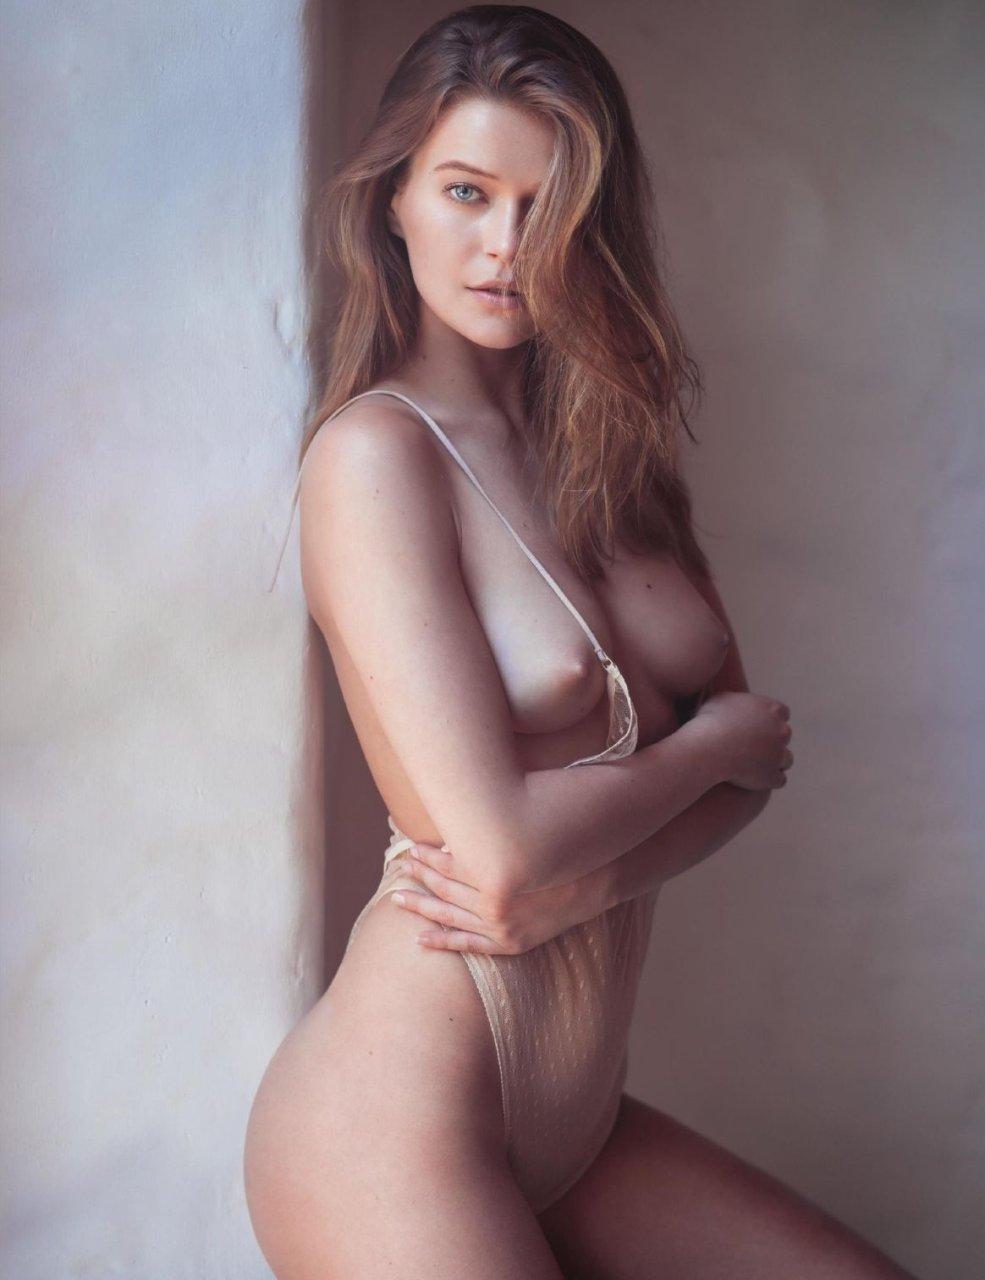 Lisa hansen naked